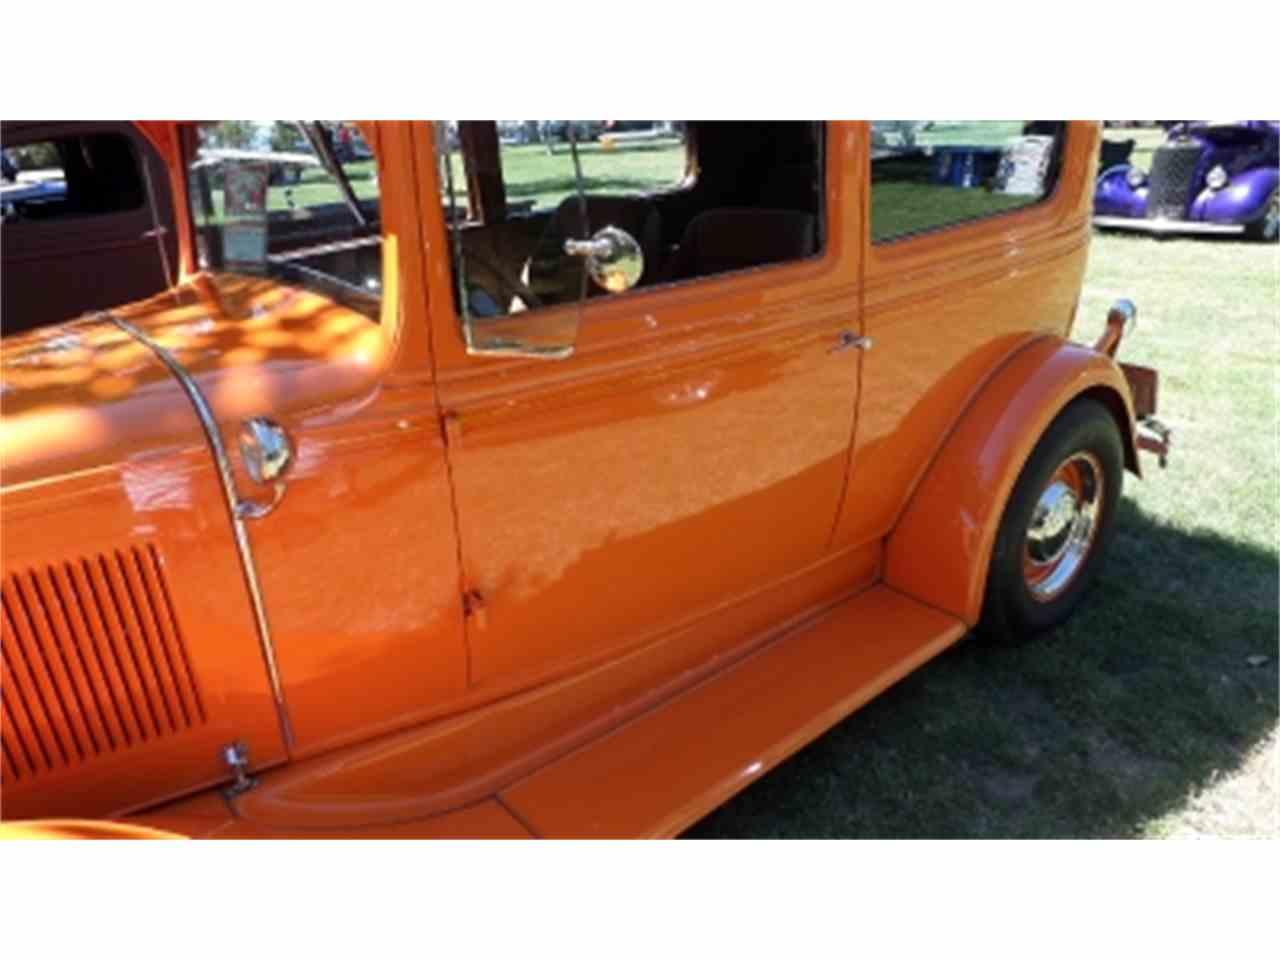 Sedan 1931 chevrolet sedan for sale : 1931 Chevrolet Sedan for Sale | ClassicCars.com | CC-577646